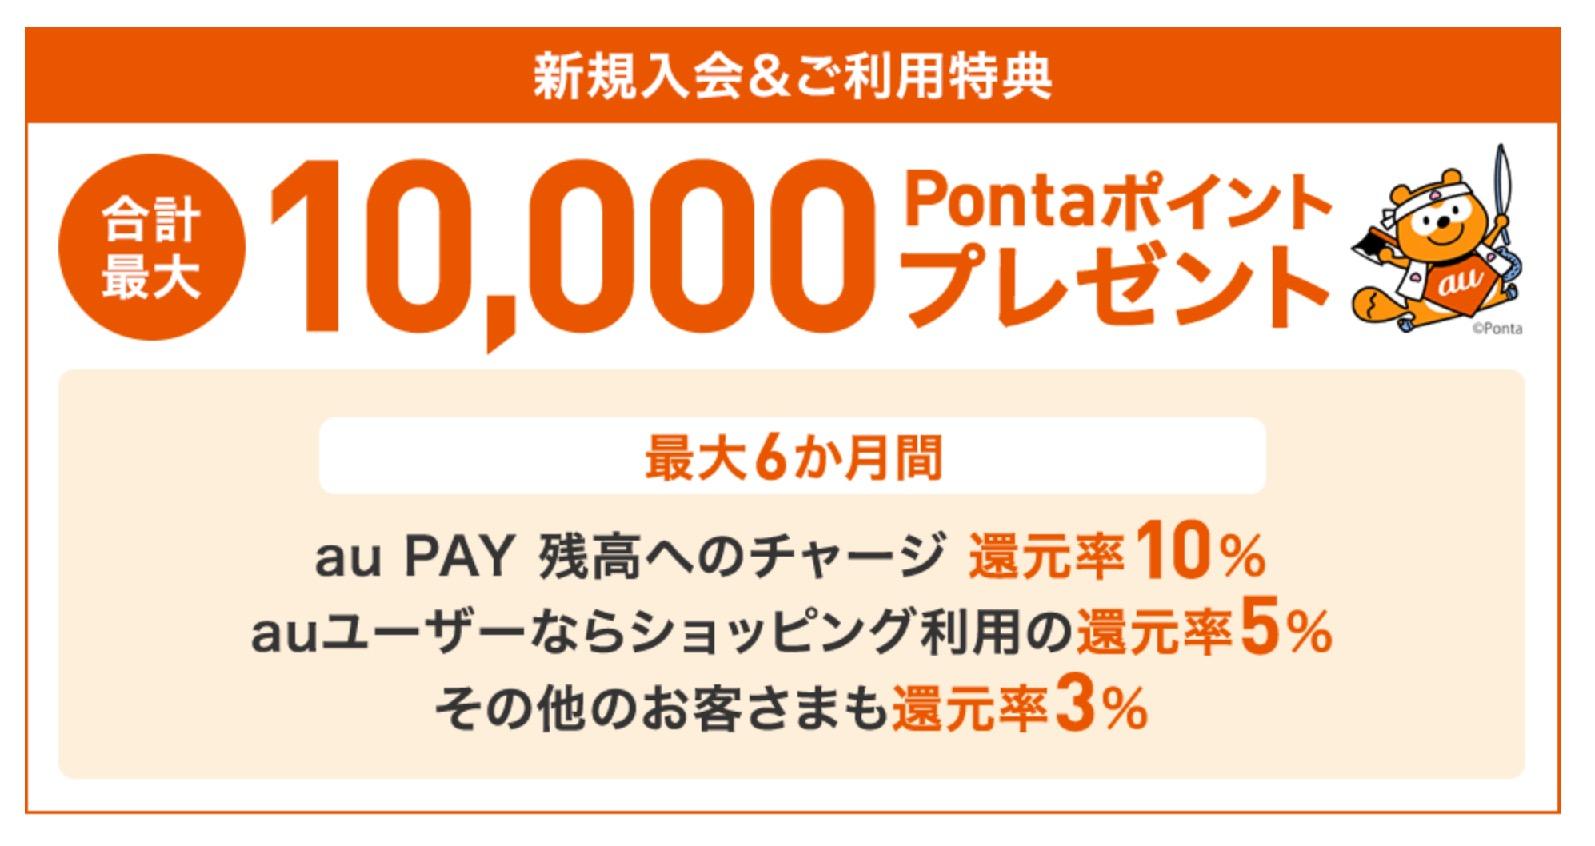 au Payカードの新規入会&利用特典